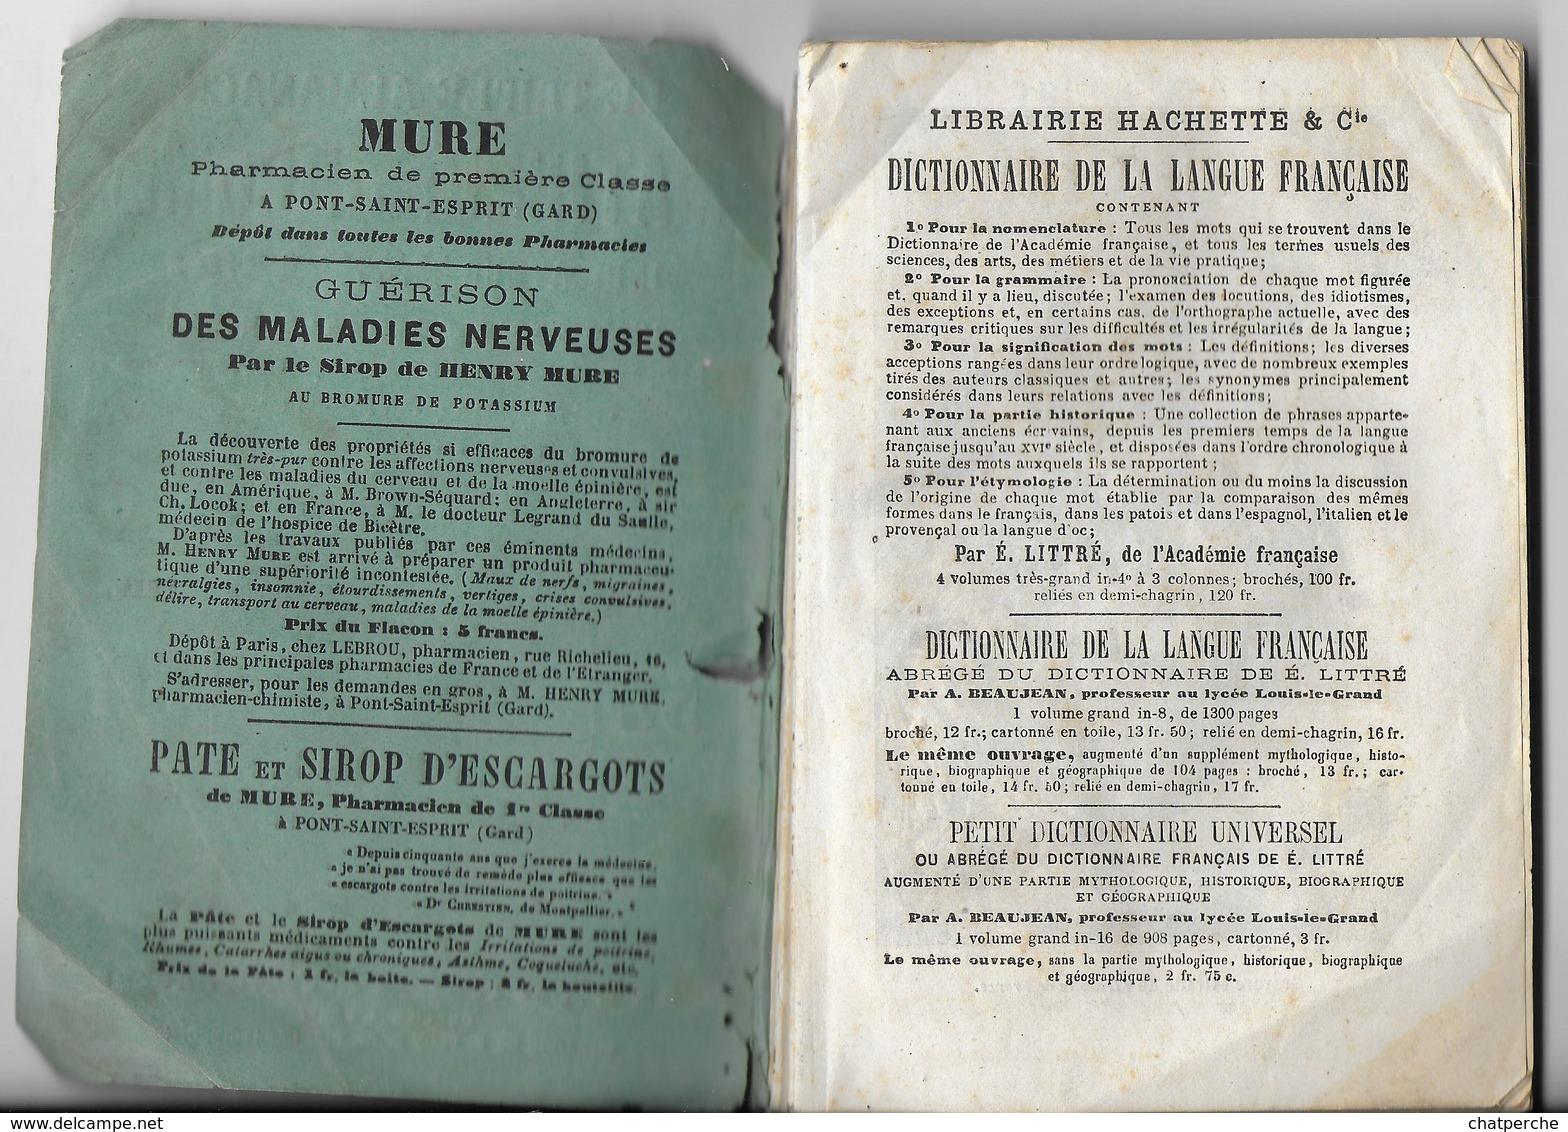 LE TRIPLE ALMANACH MATHIEU DE LA DROME INDICATEUR DU TEMPS POUR 1880 LIBRAIRIE PLON - Boeken, Tijdschriften, Stripverhalen